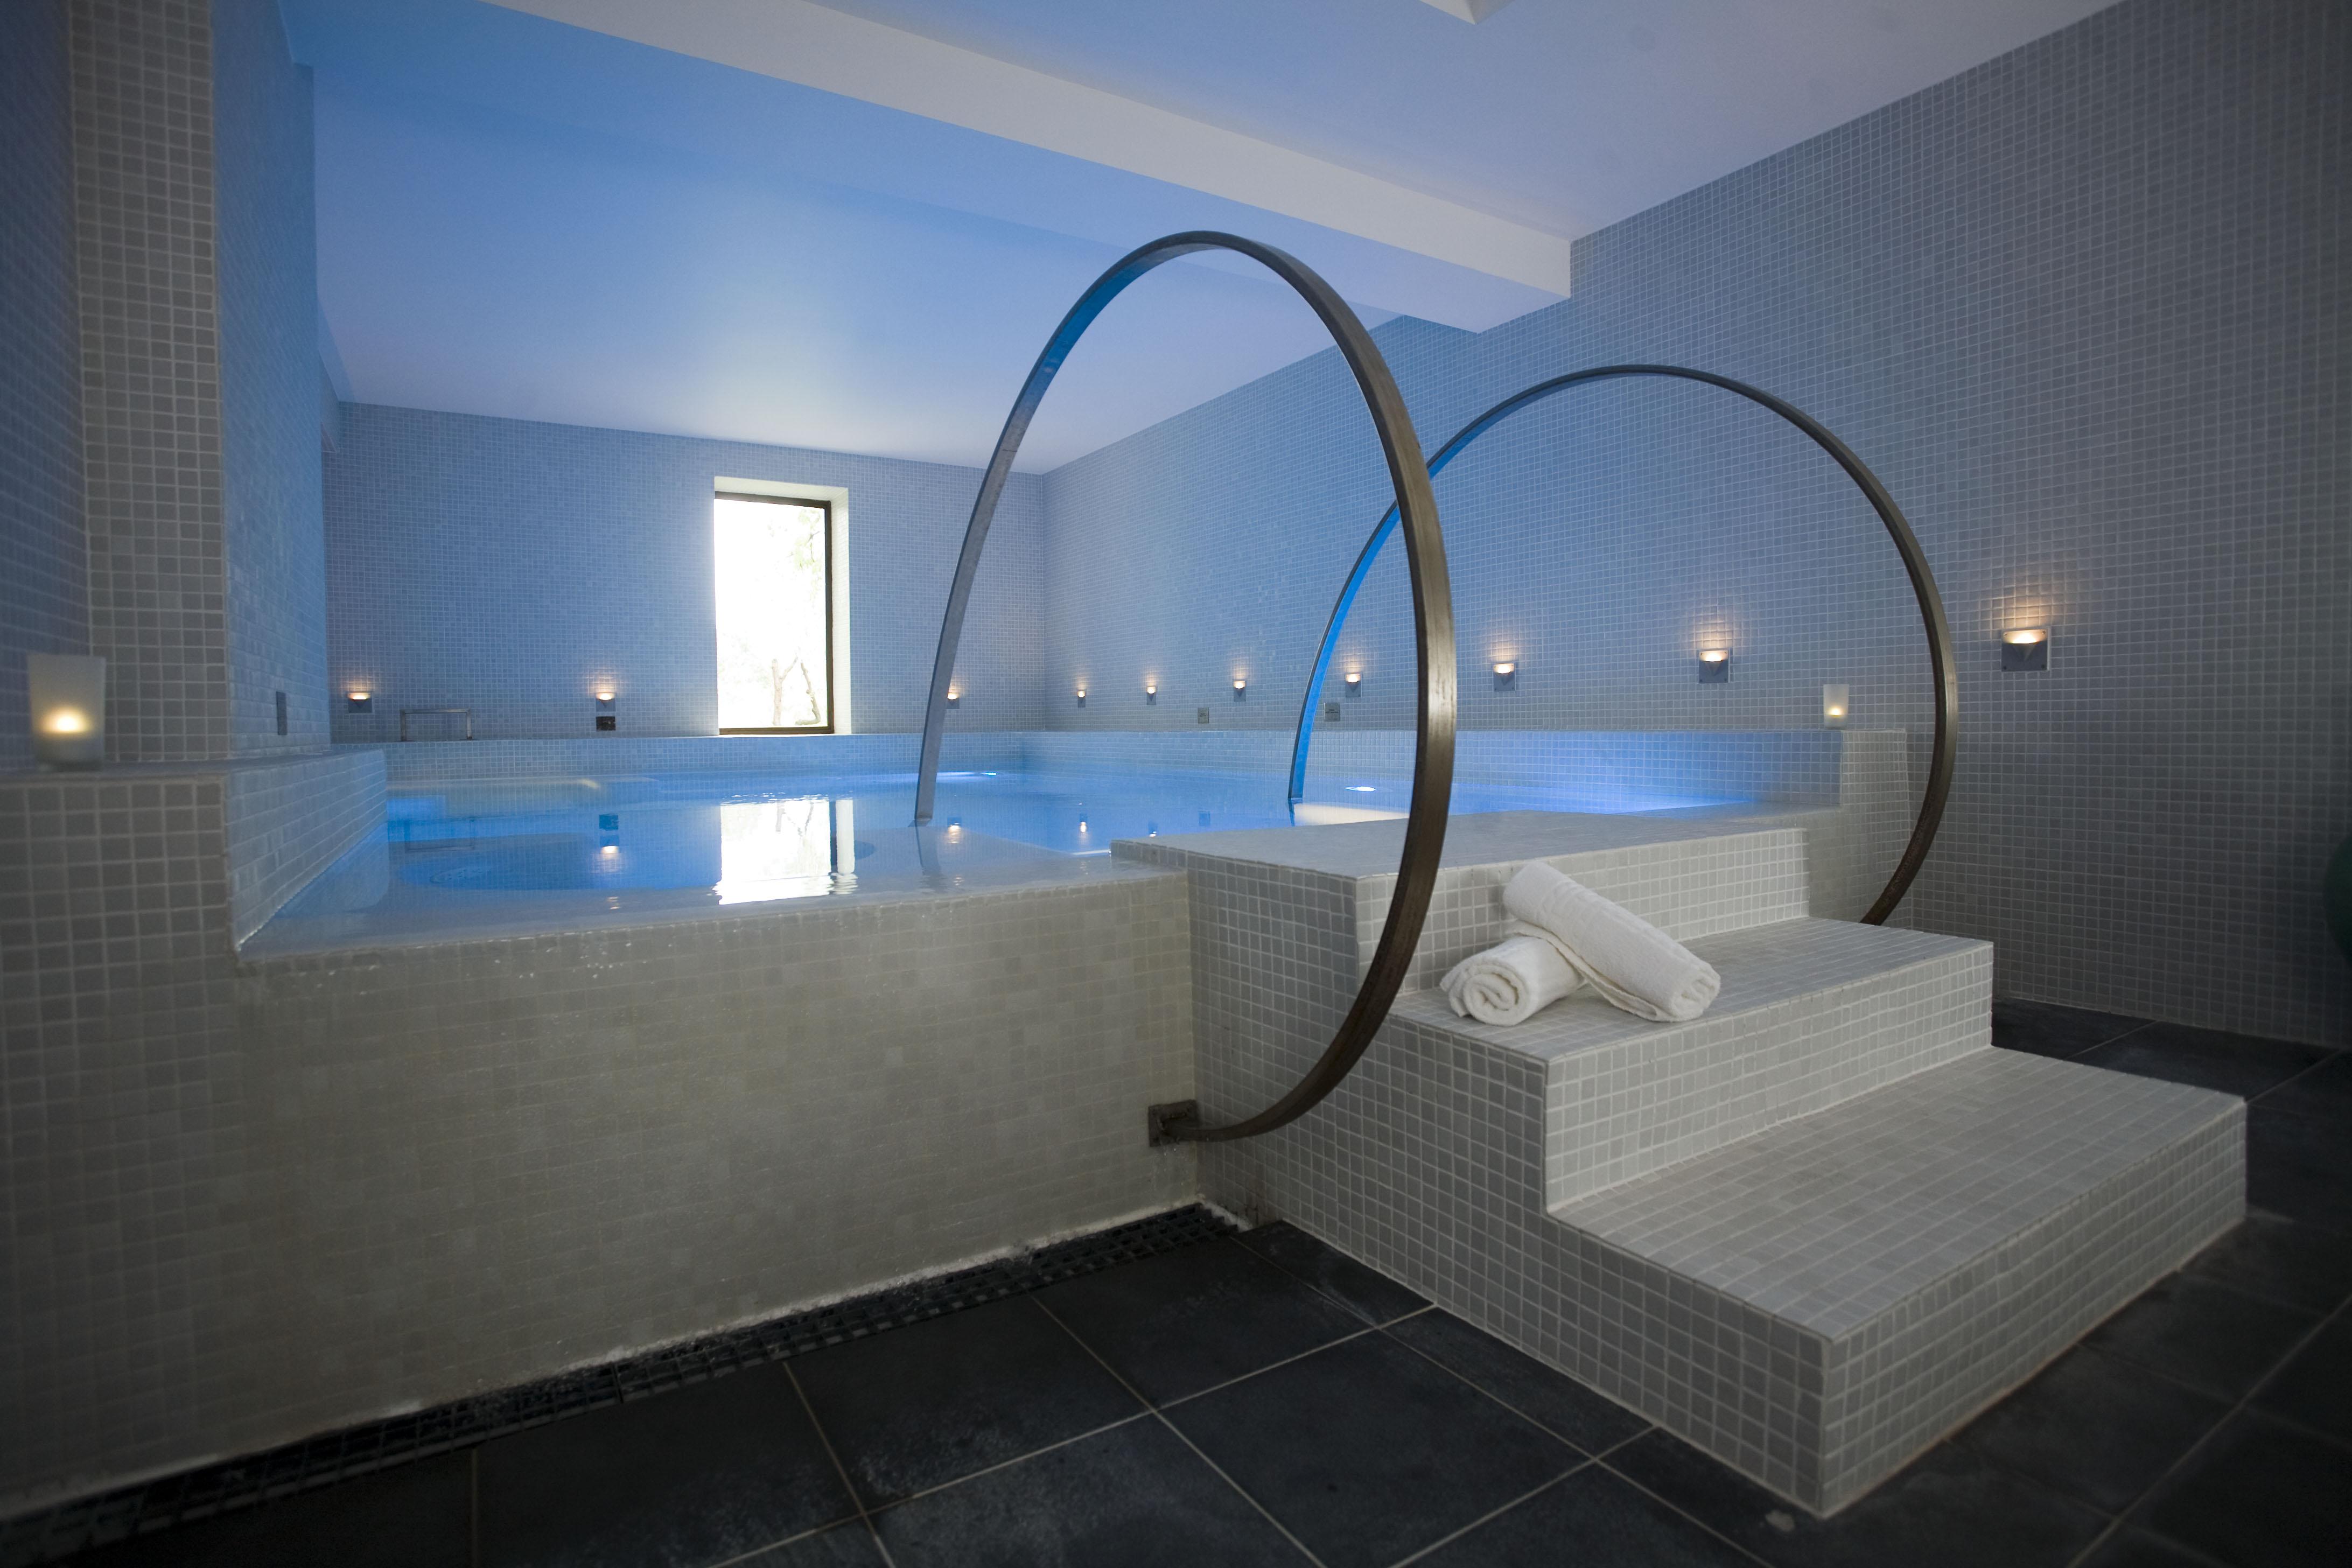 Le spa de l'Oustau de Baumaniere aux Baux de Provence